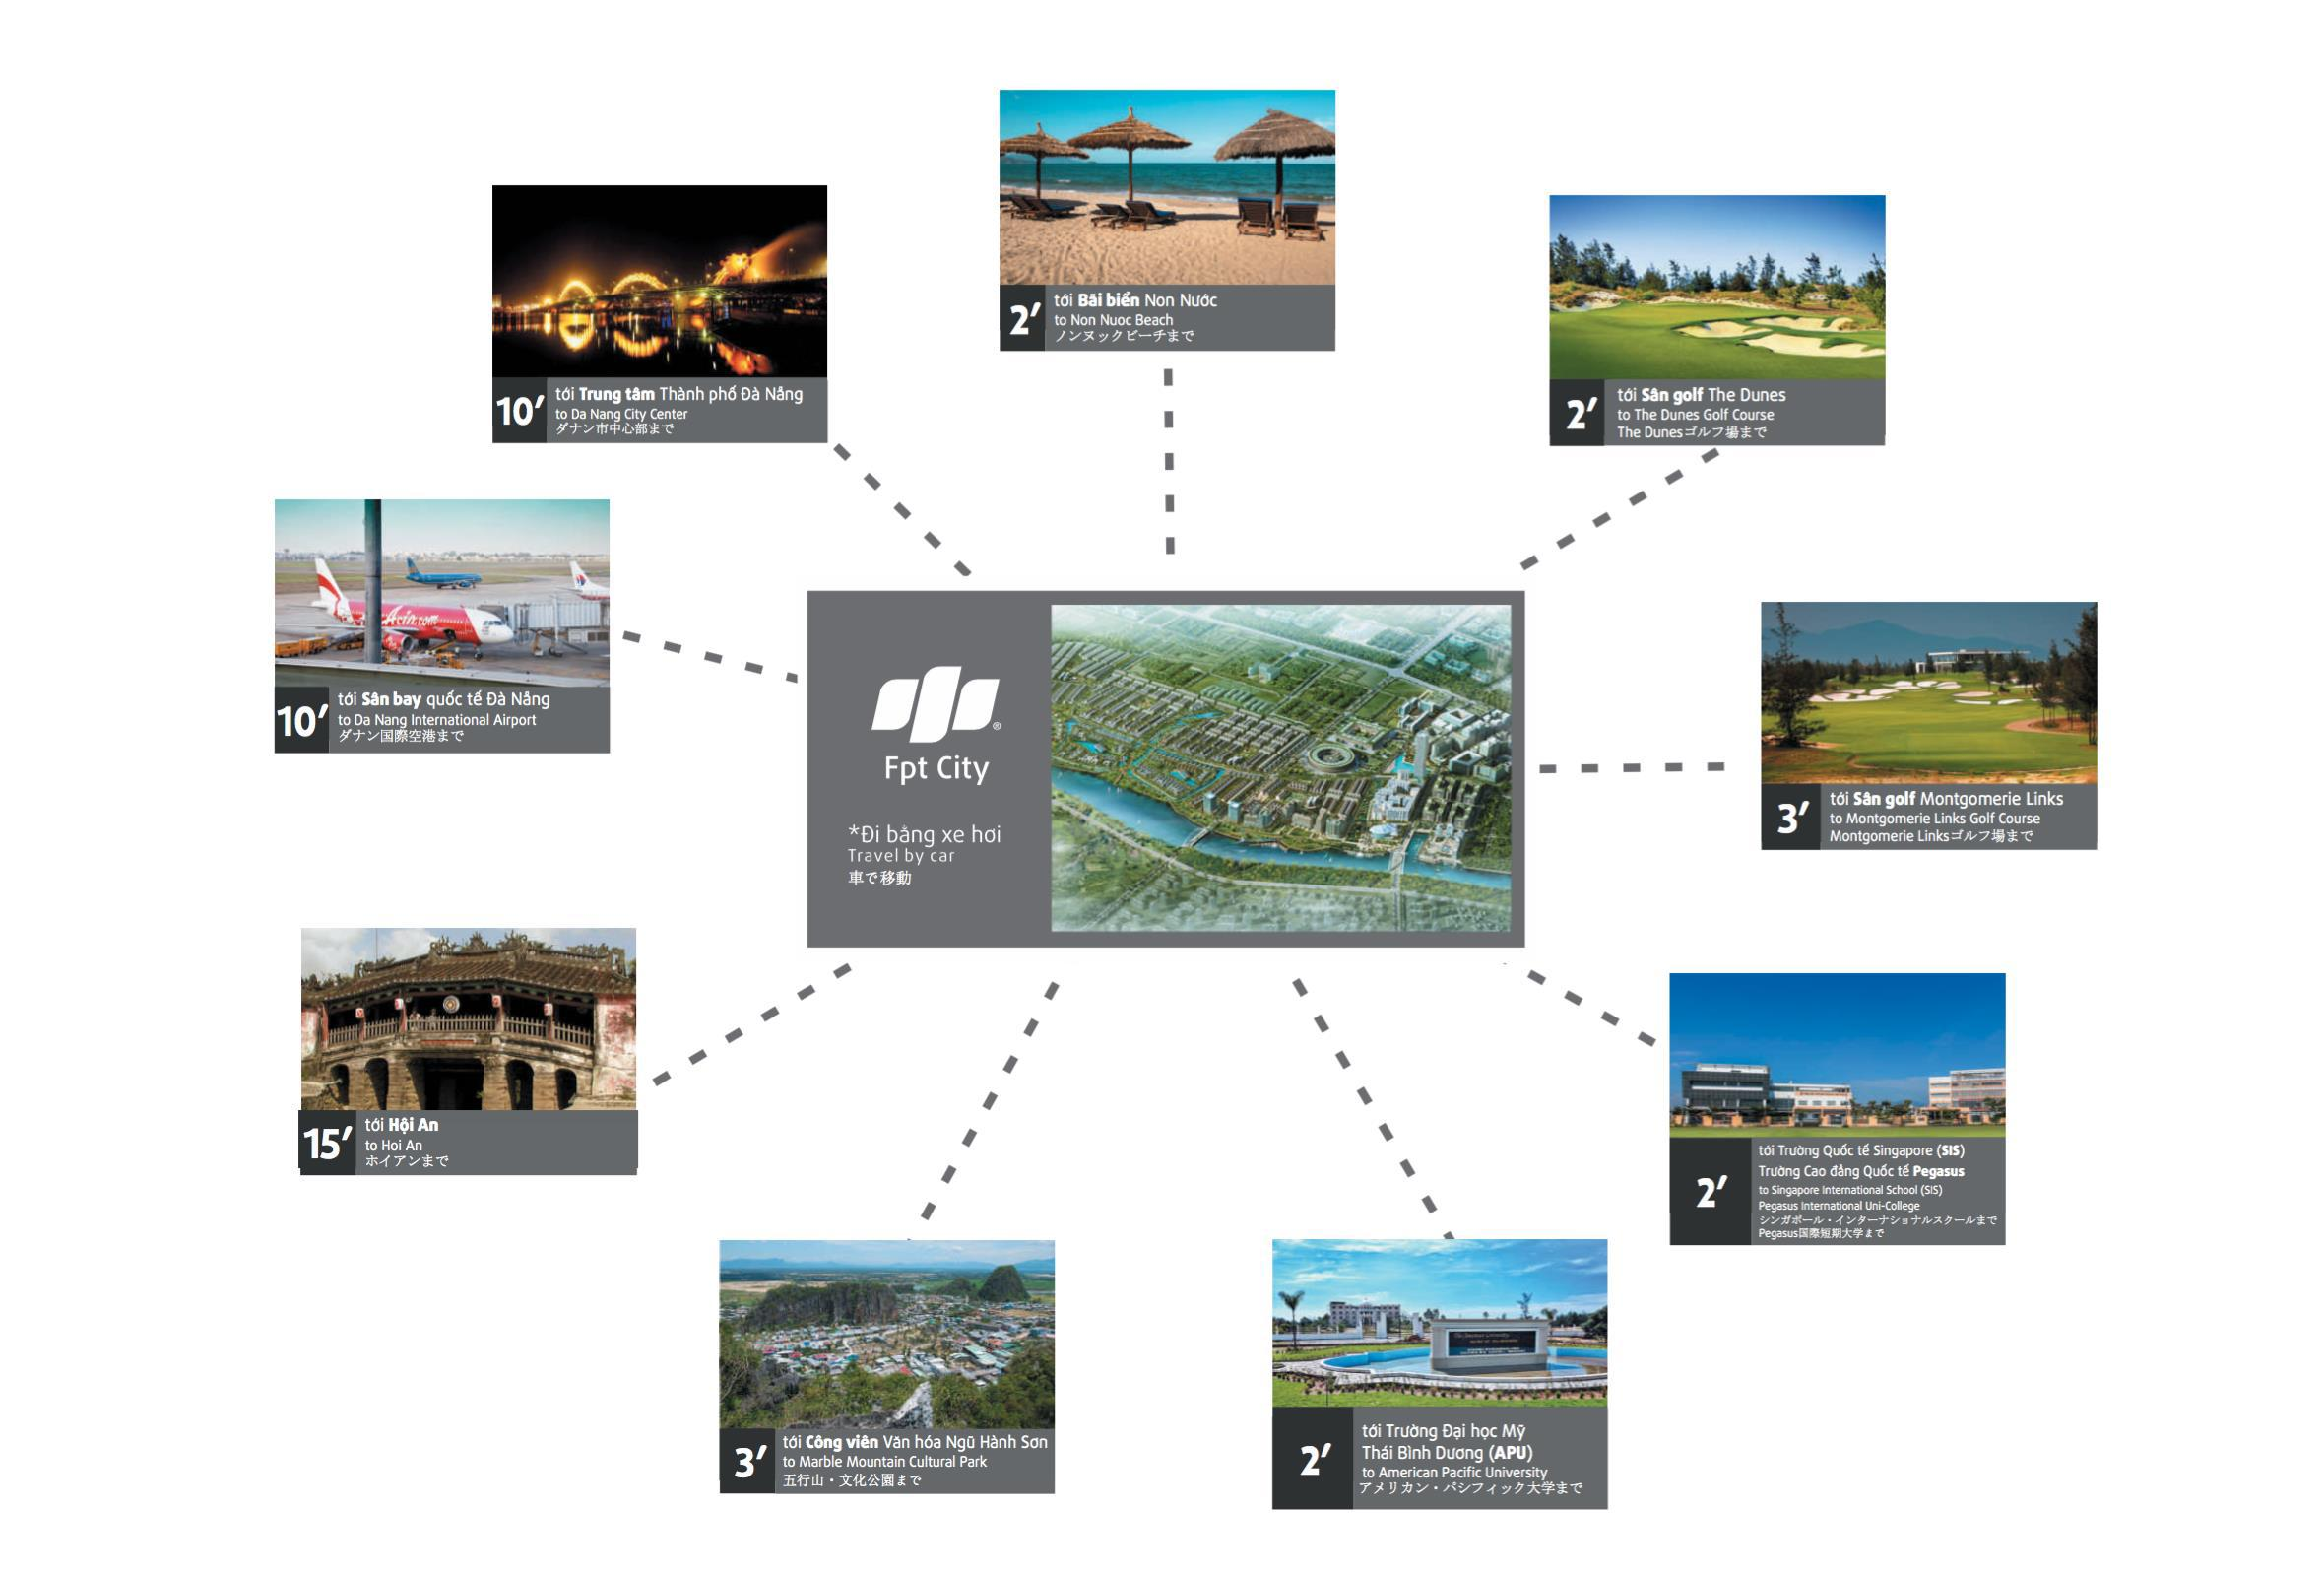 Những lý do nên đầu tư dự án FPT City Đà Nẵng là gì?